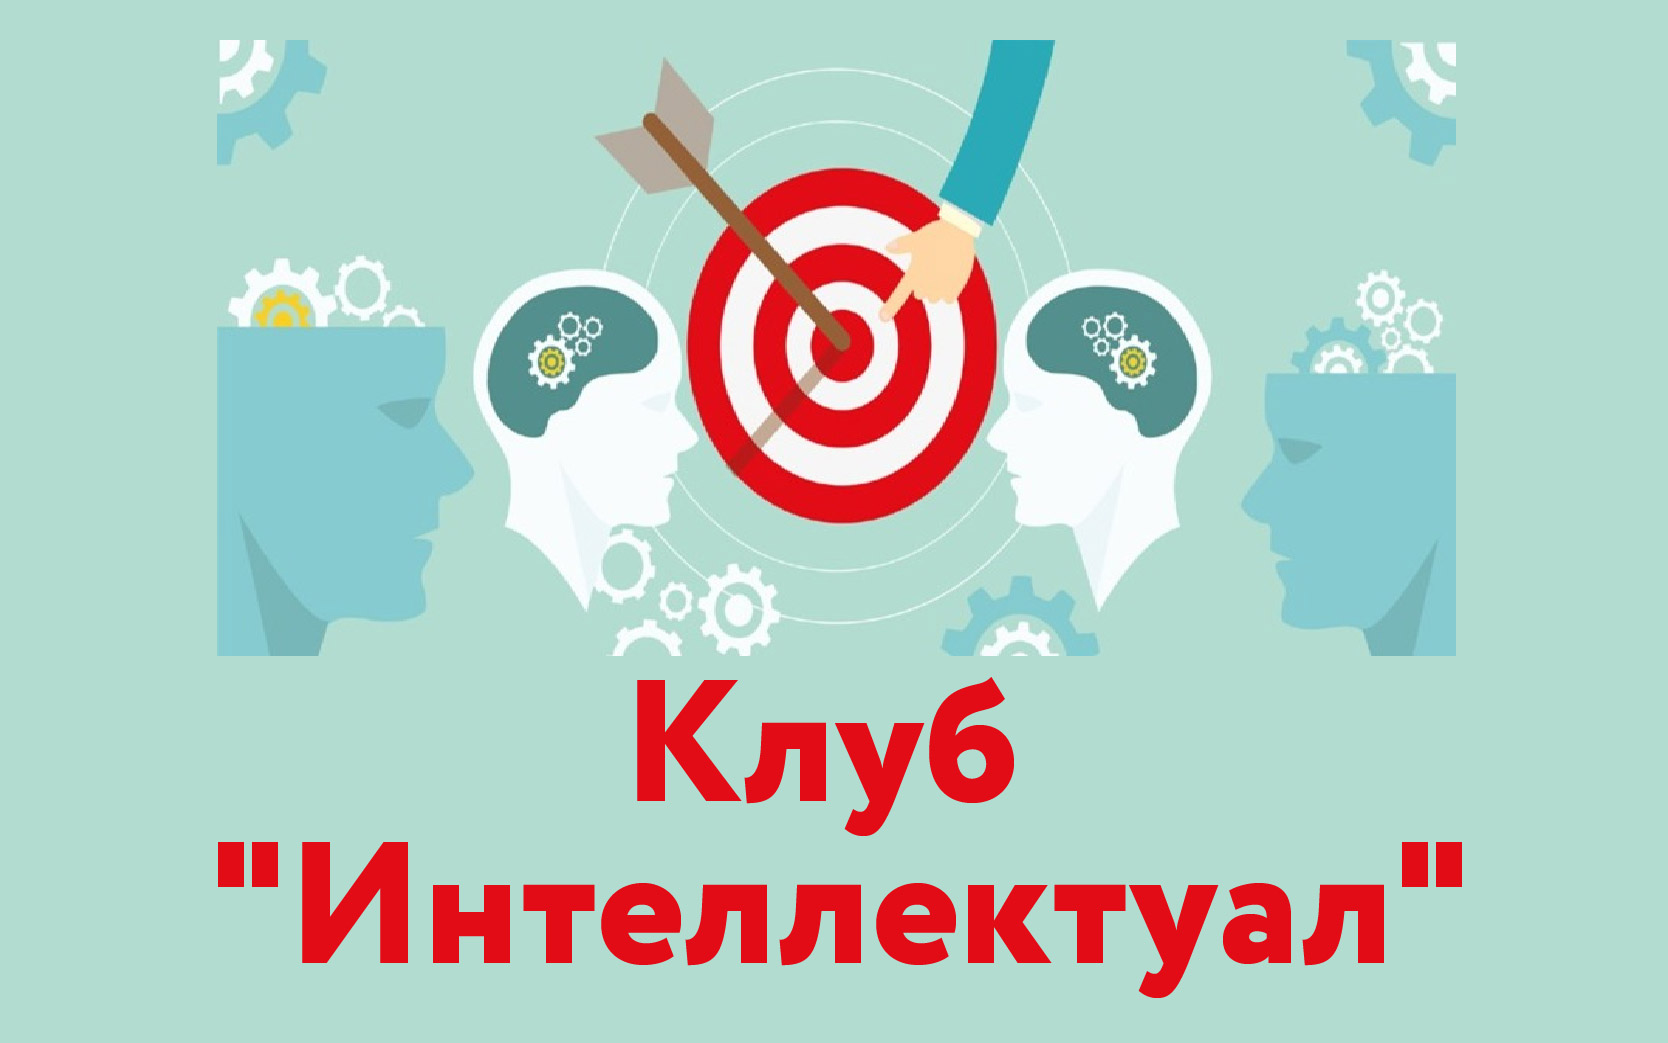 """Интеллектуальные игры (Клуб """"Интеллектуал"""")"""